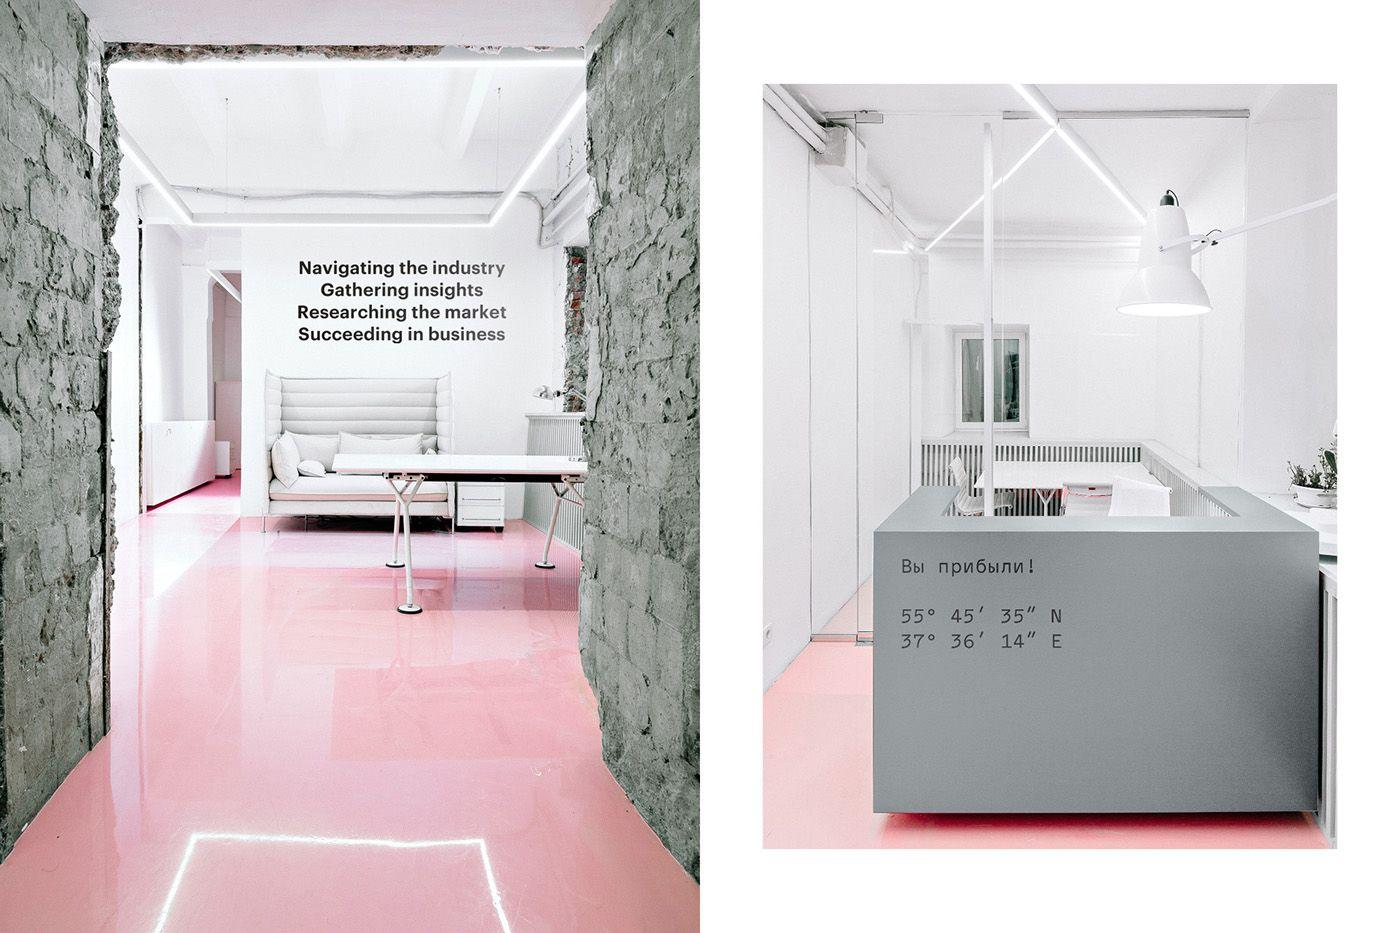 理性粉紅的 NGRS 品牌識別 | MyDesy 淘靈感